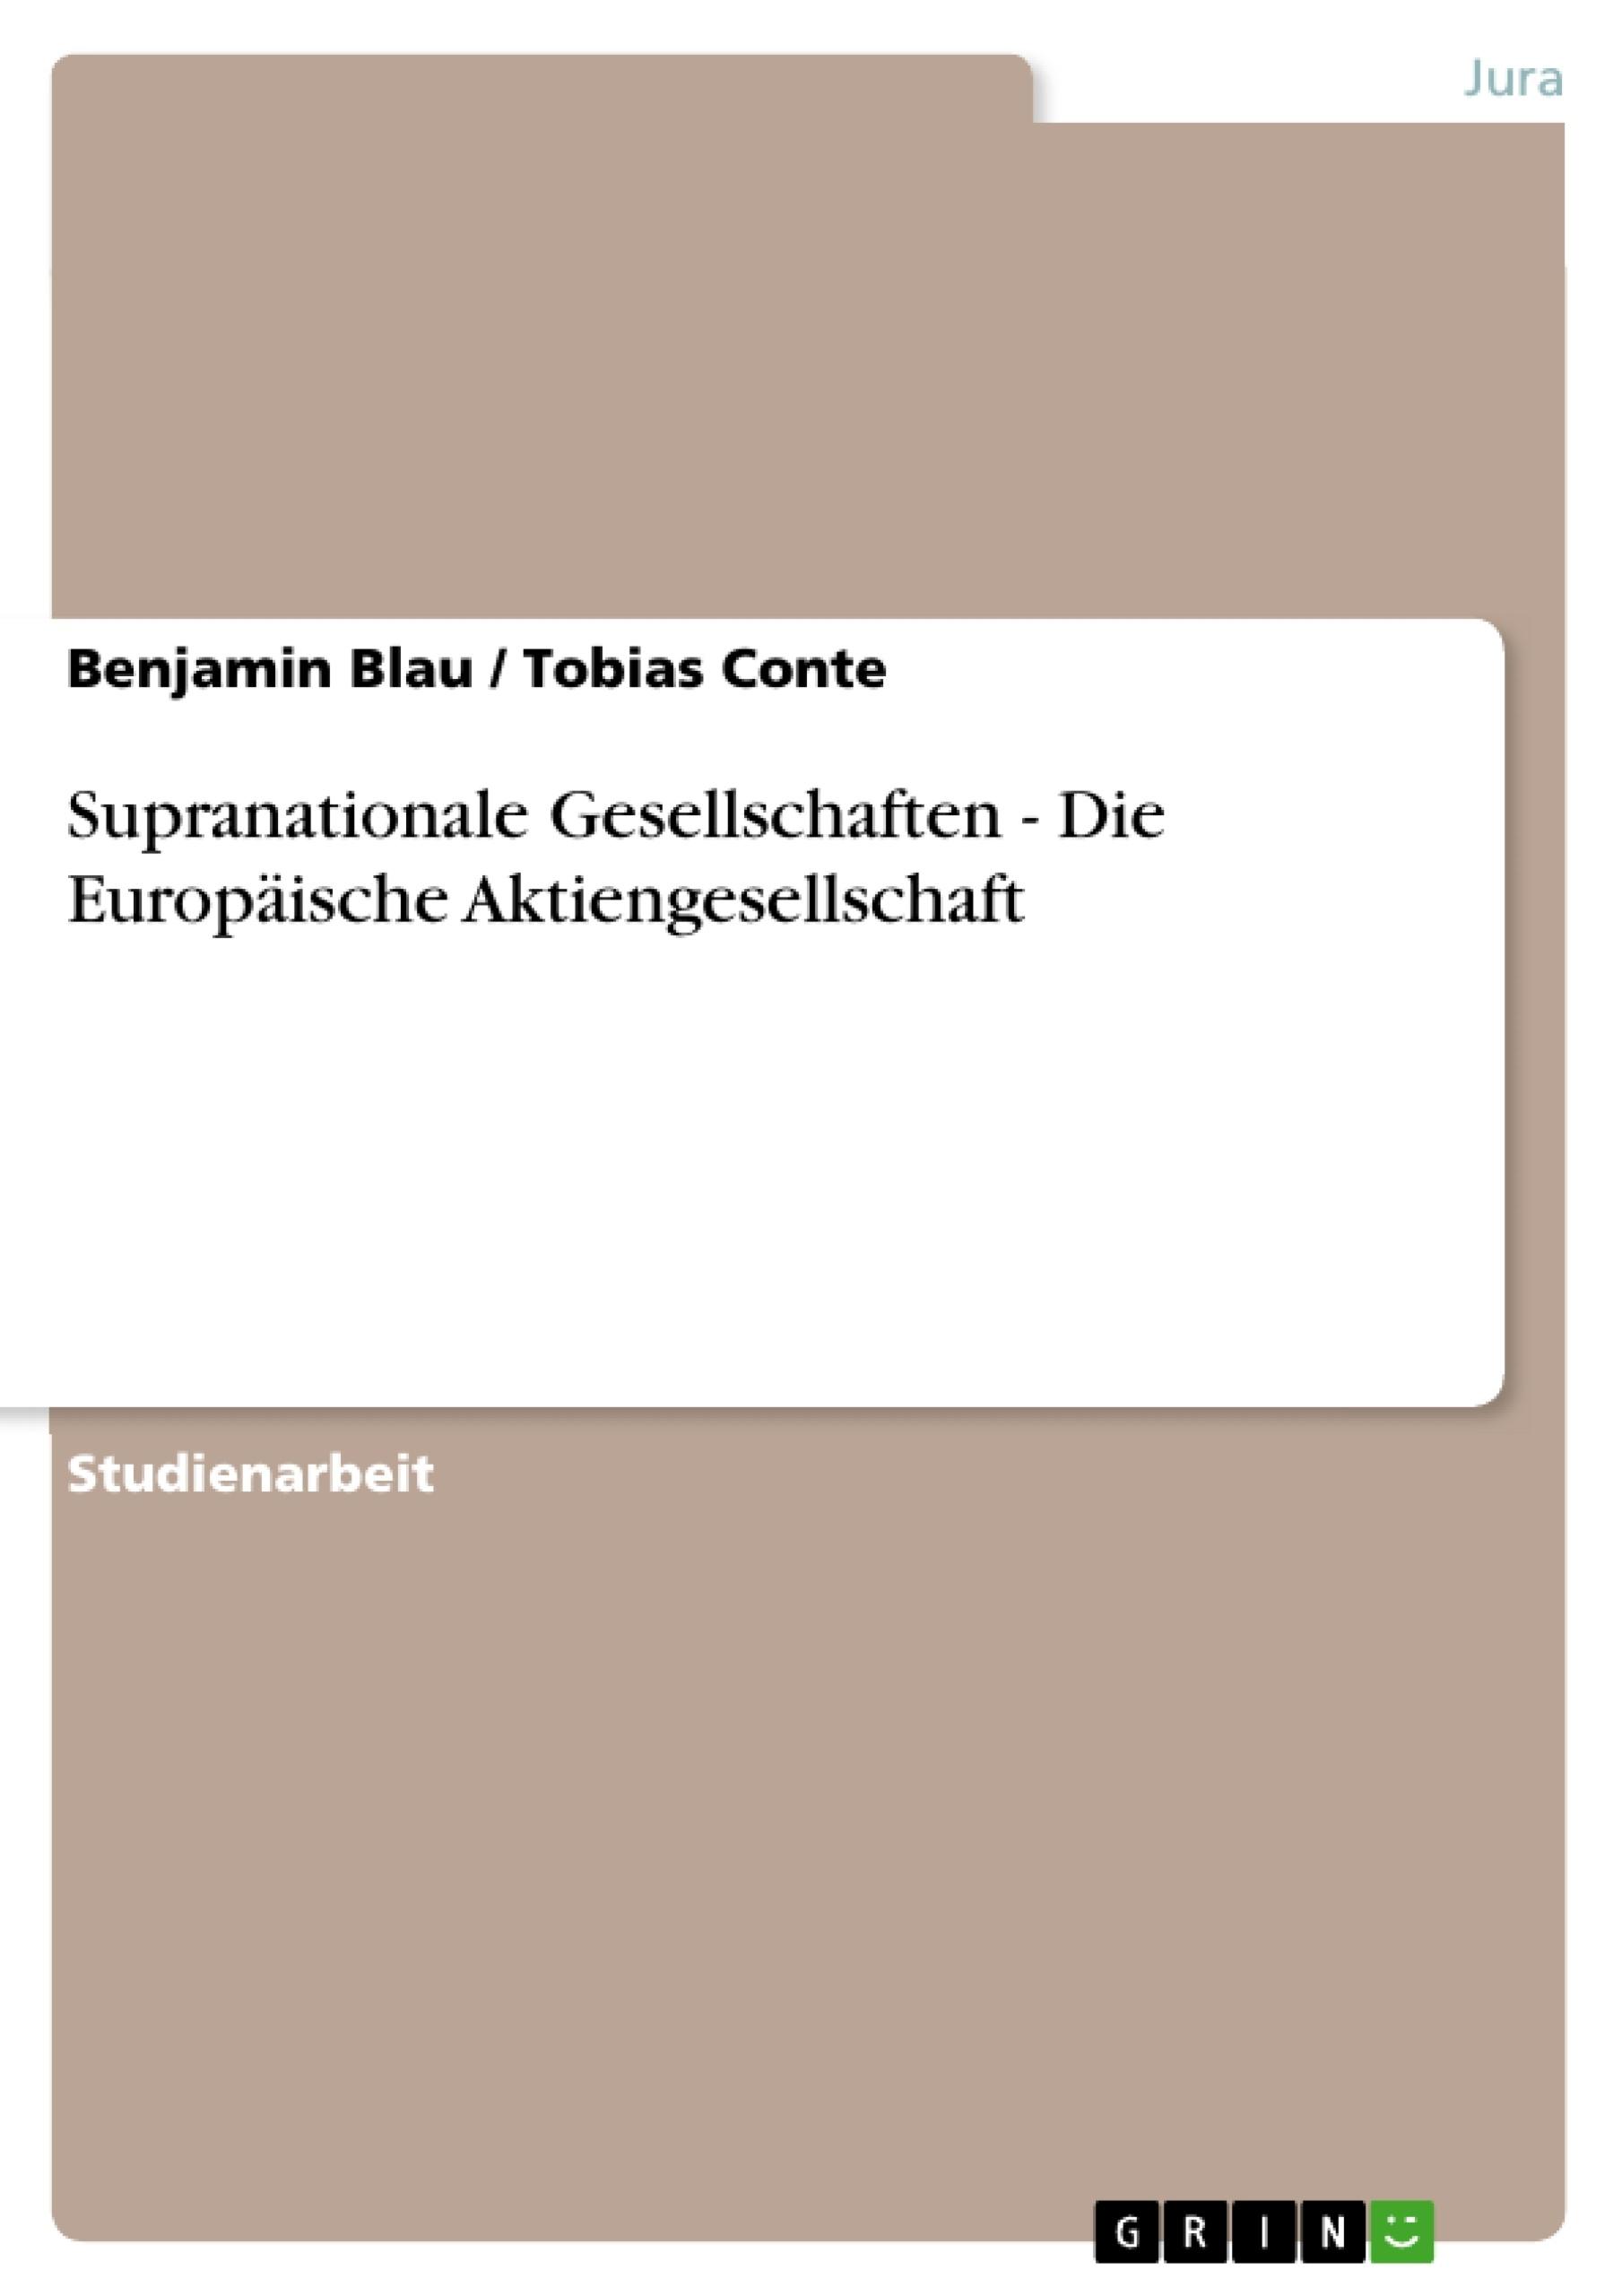 Titel: Supranationale Gesellschaften - Die Europäische Aktiengesellschaft